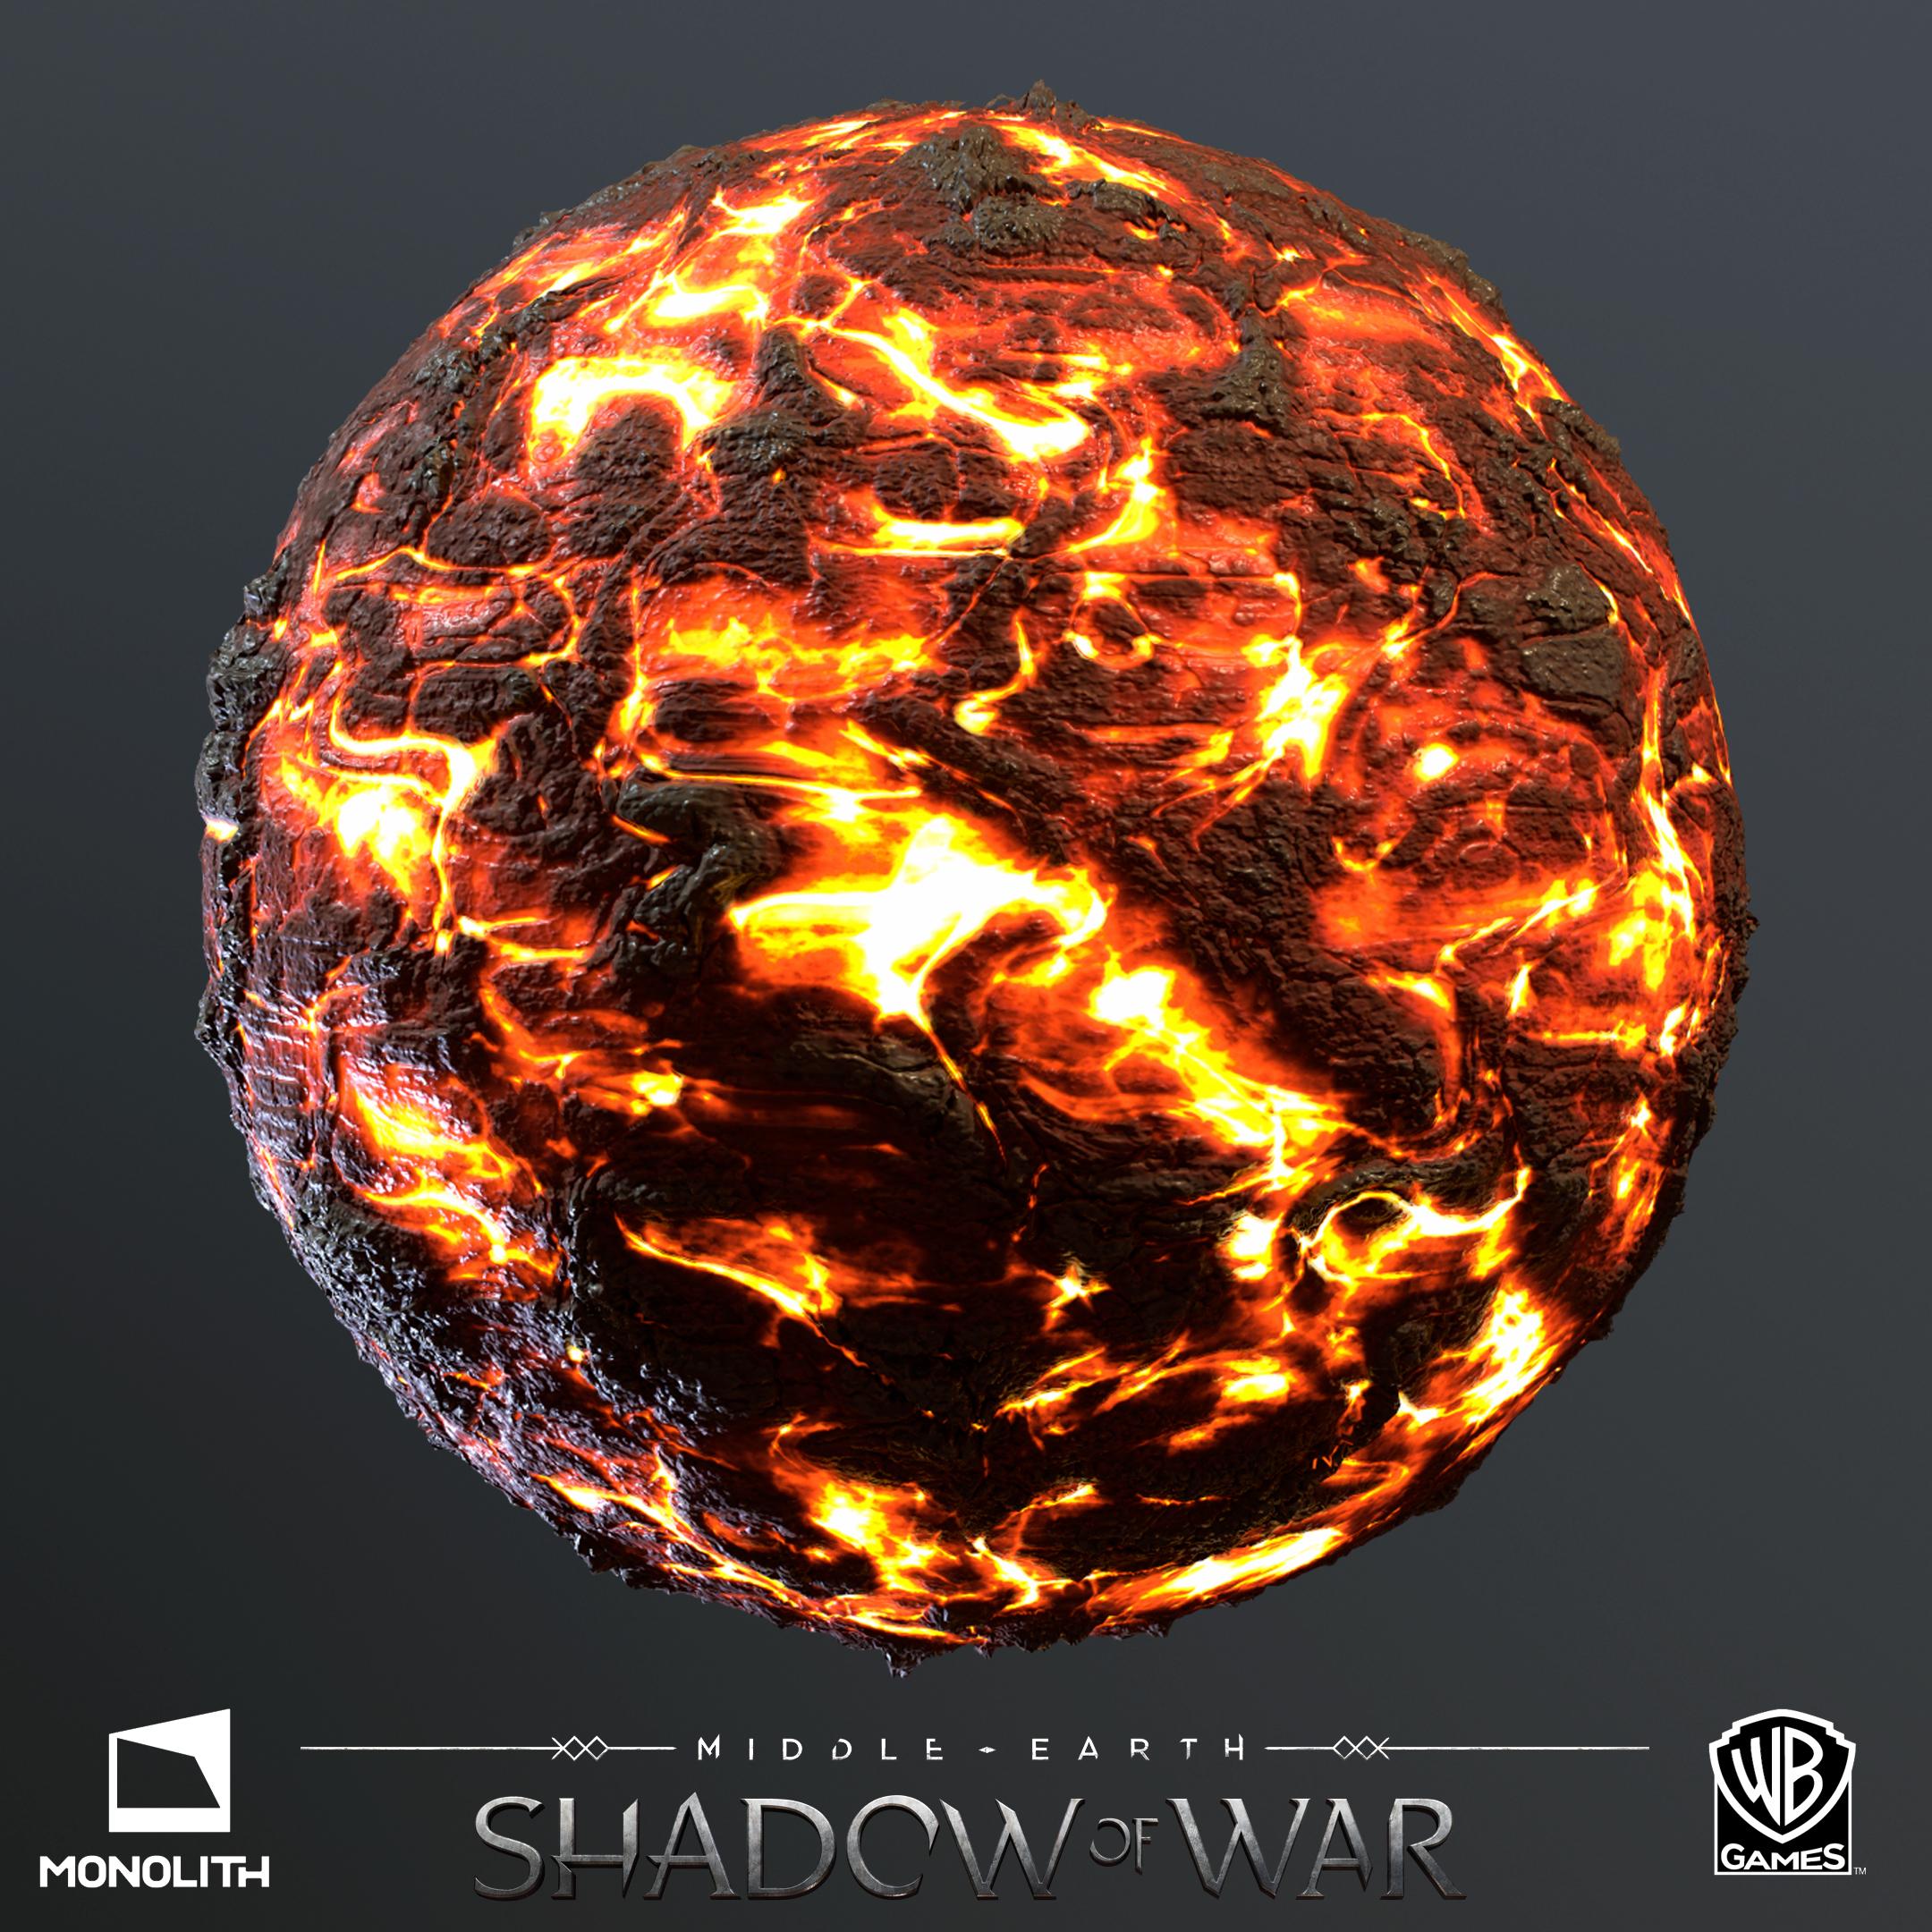 Lava_Sphere1